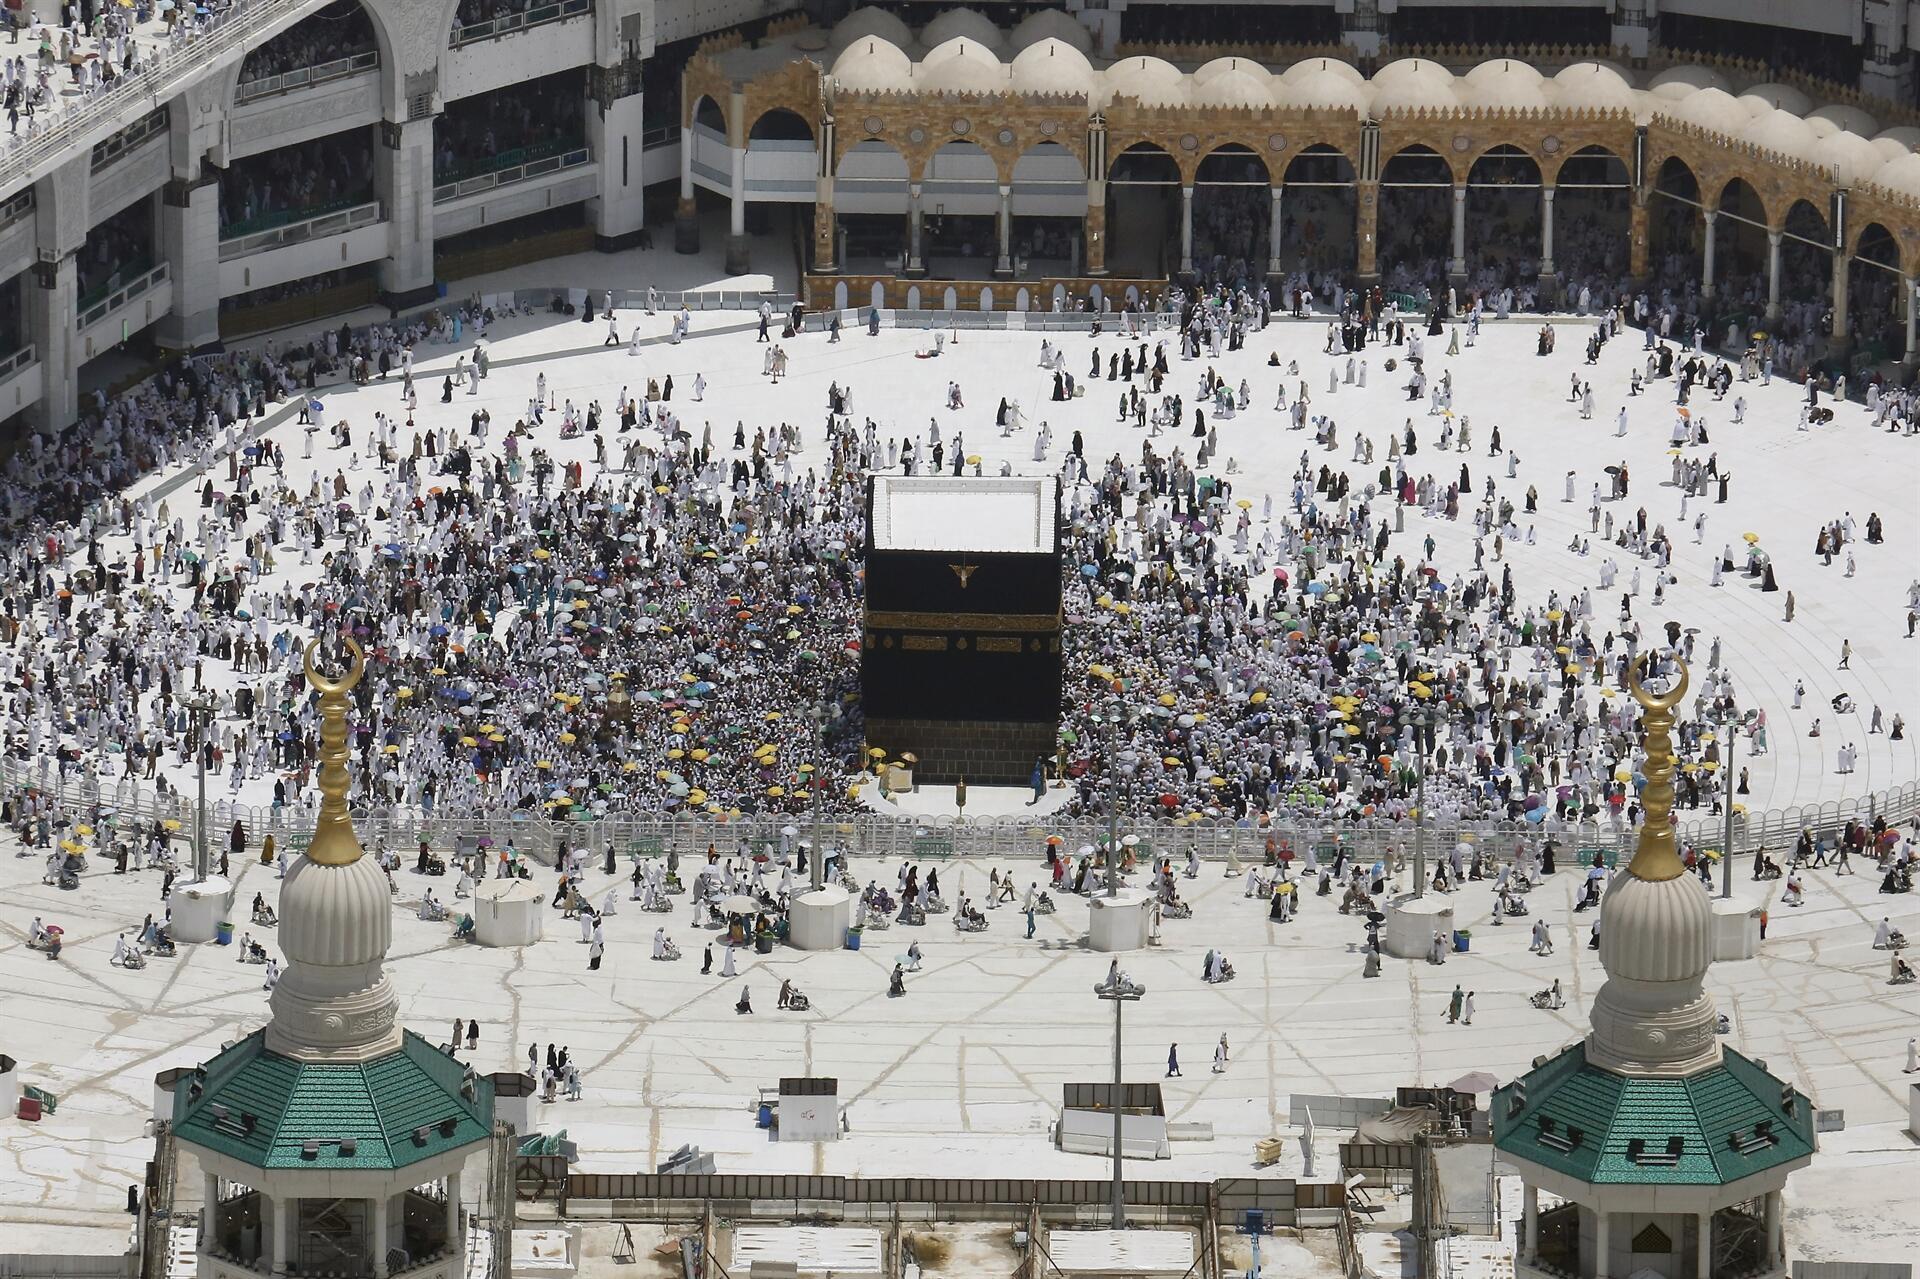 28 Turkish pilgrims die during Hajj pilgrimage season